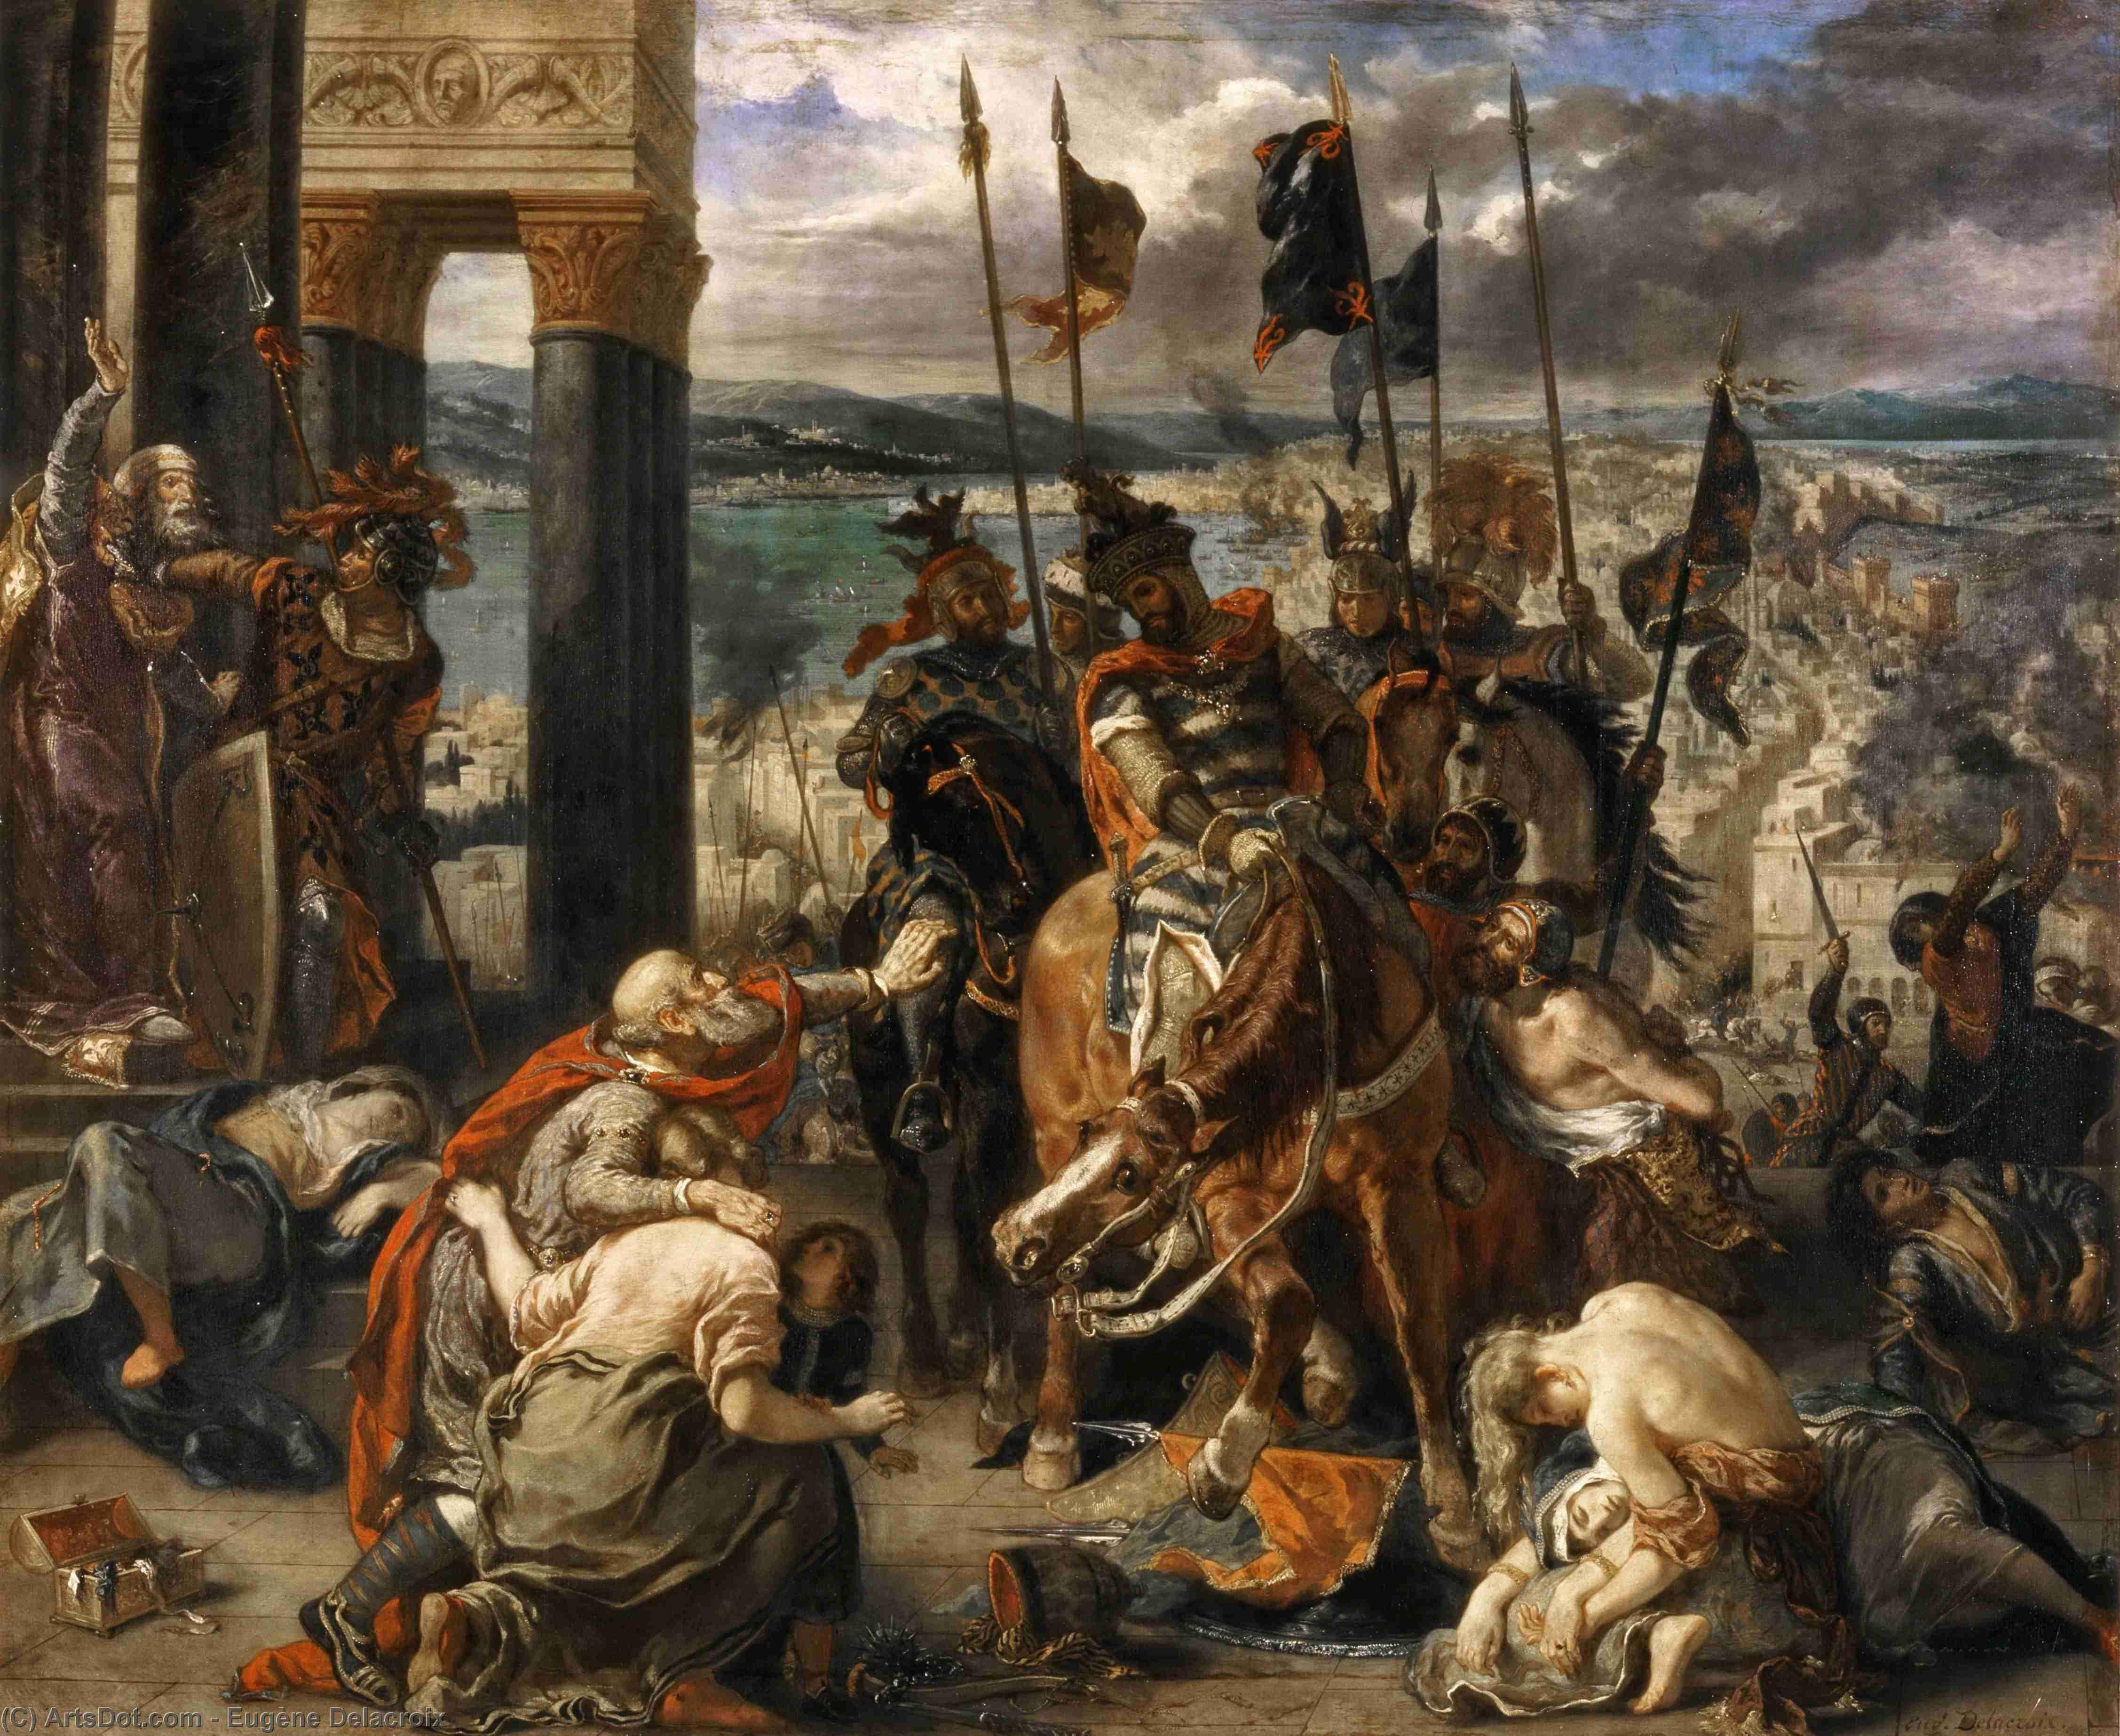 Figure 7. Entrada dos cruzados em Constantinopla (1840). Paris, Louvre